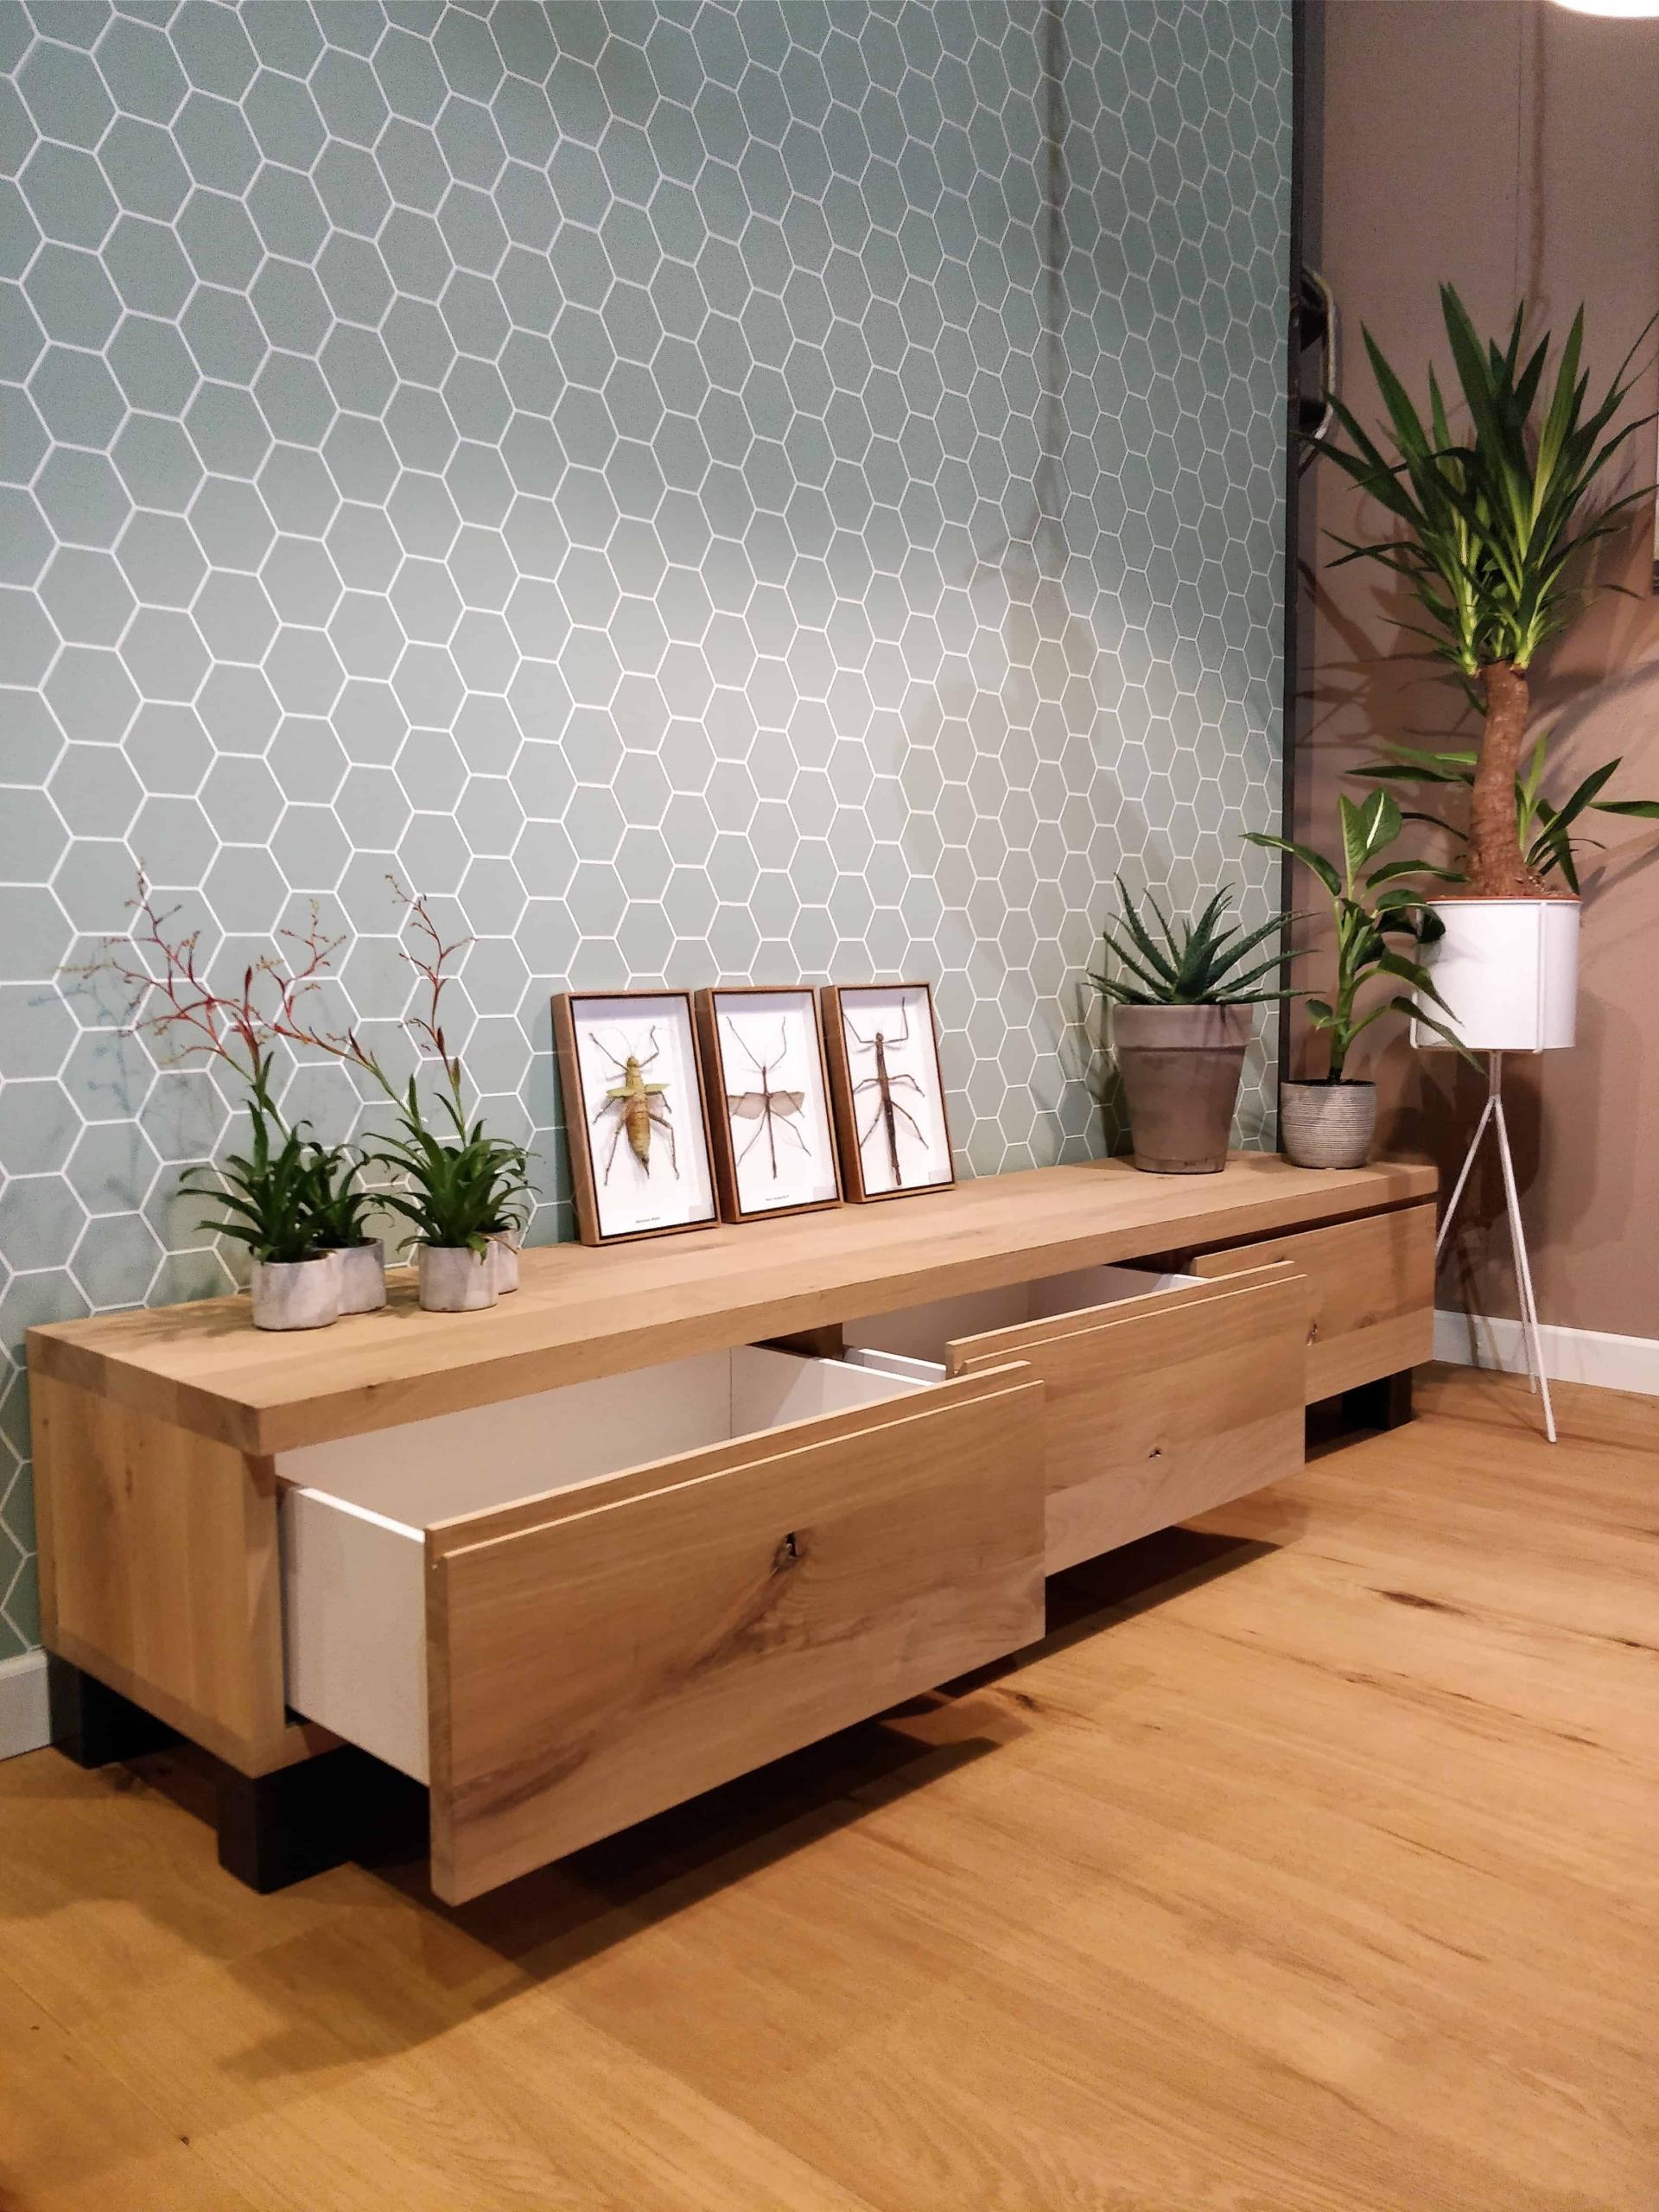 Houten TV meubel op maat gemaakt met lade's